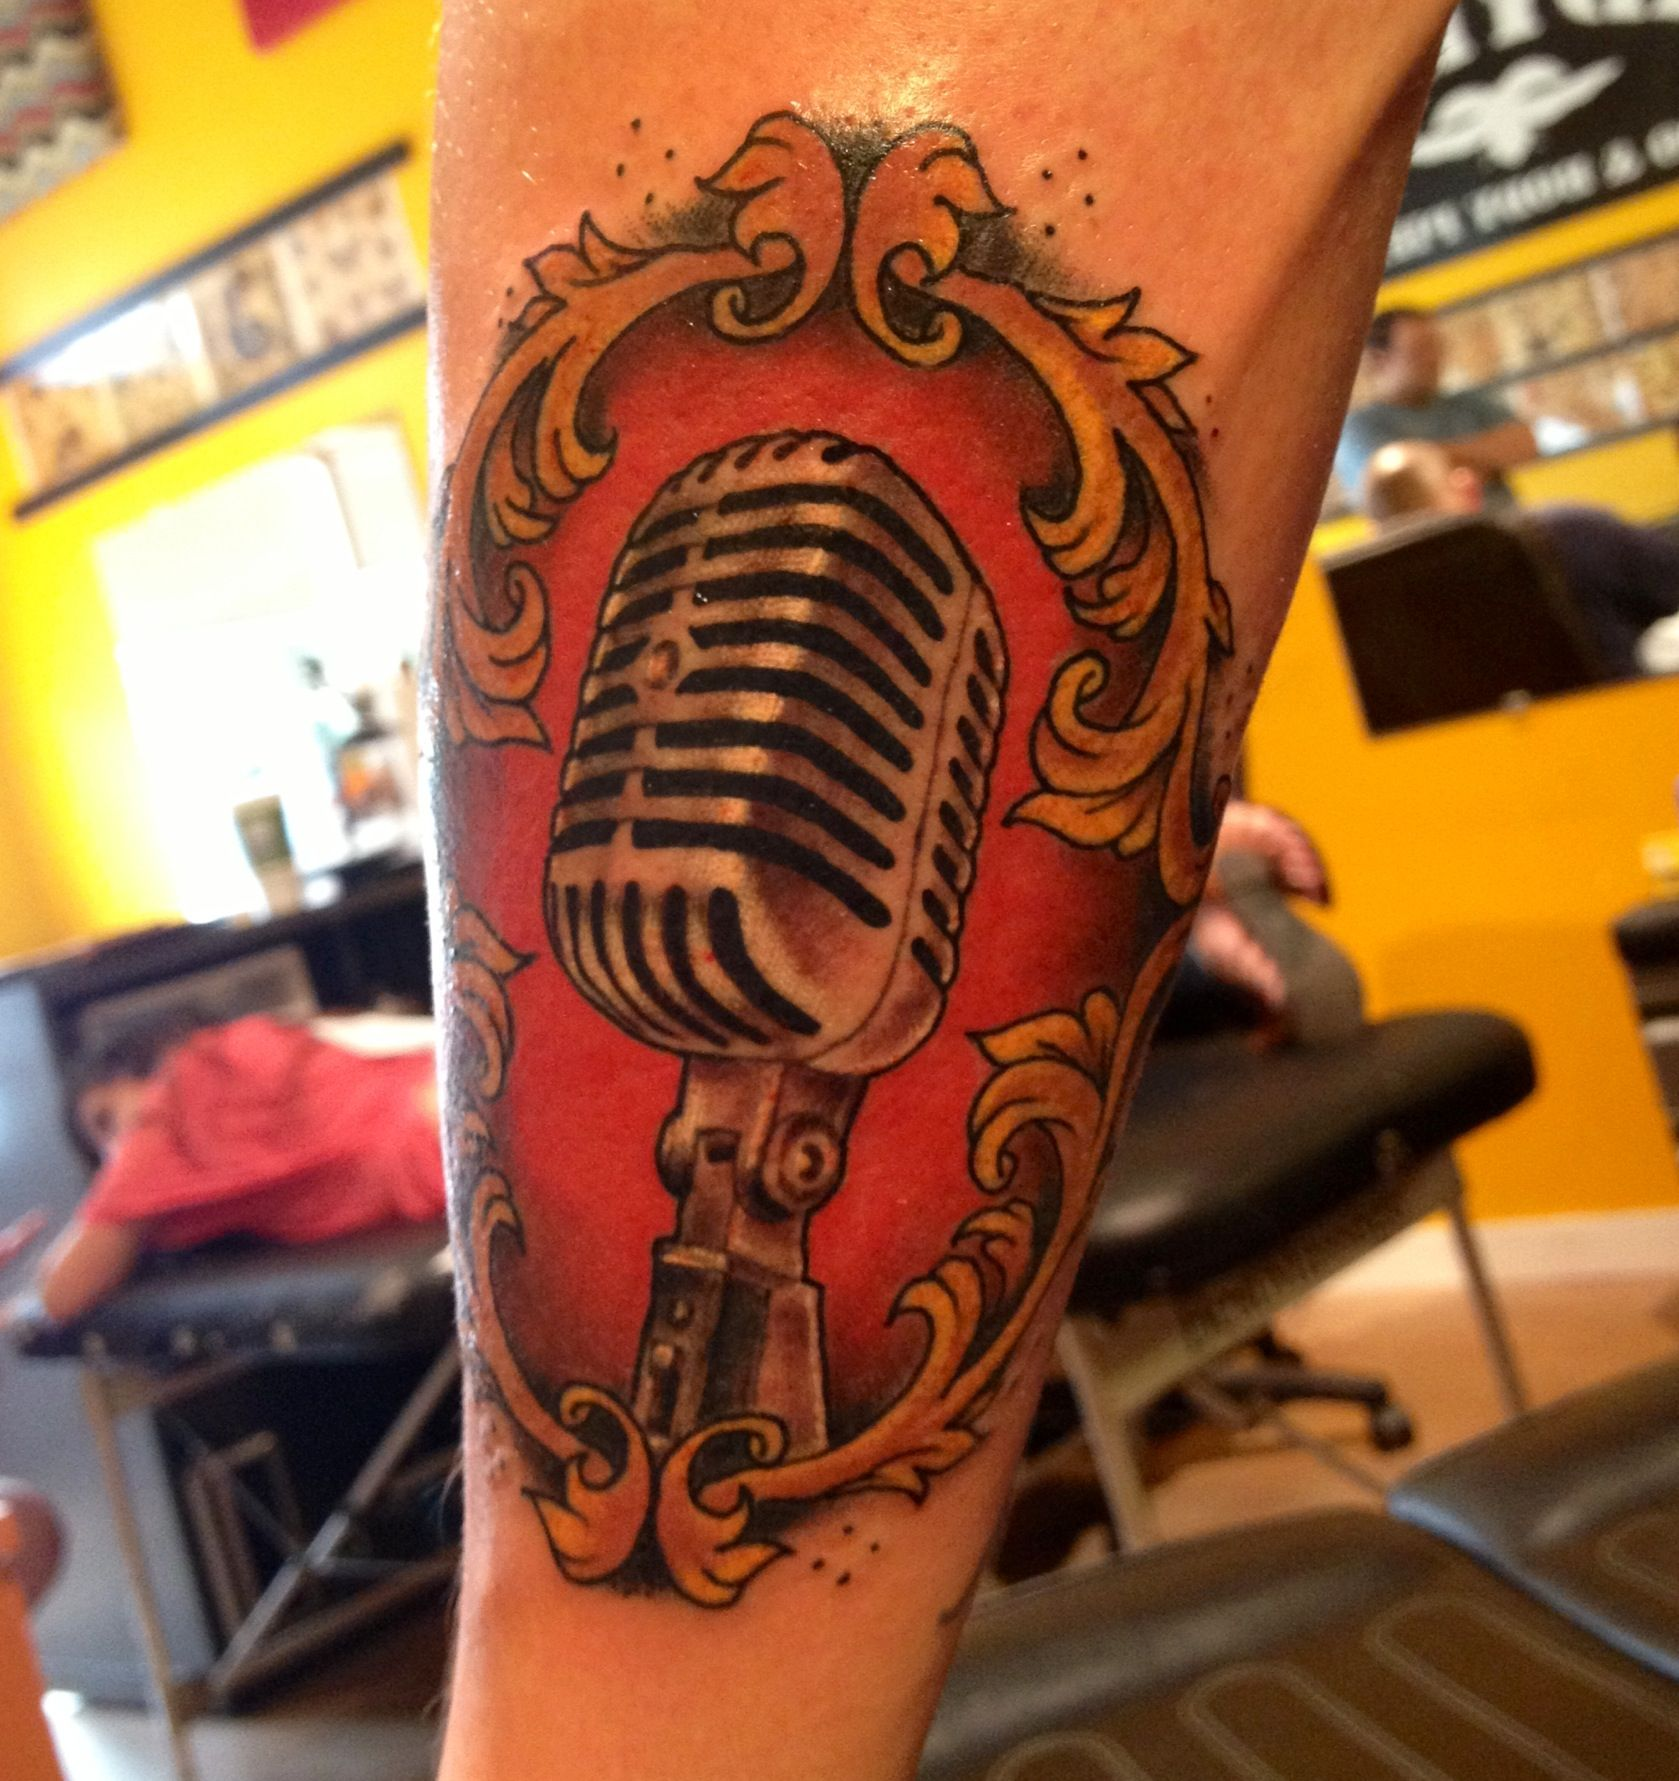 Artist scott harris ladybird tattoo in austin tx for Tattoo artists austin tx